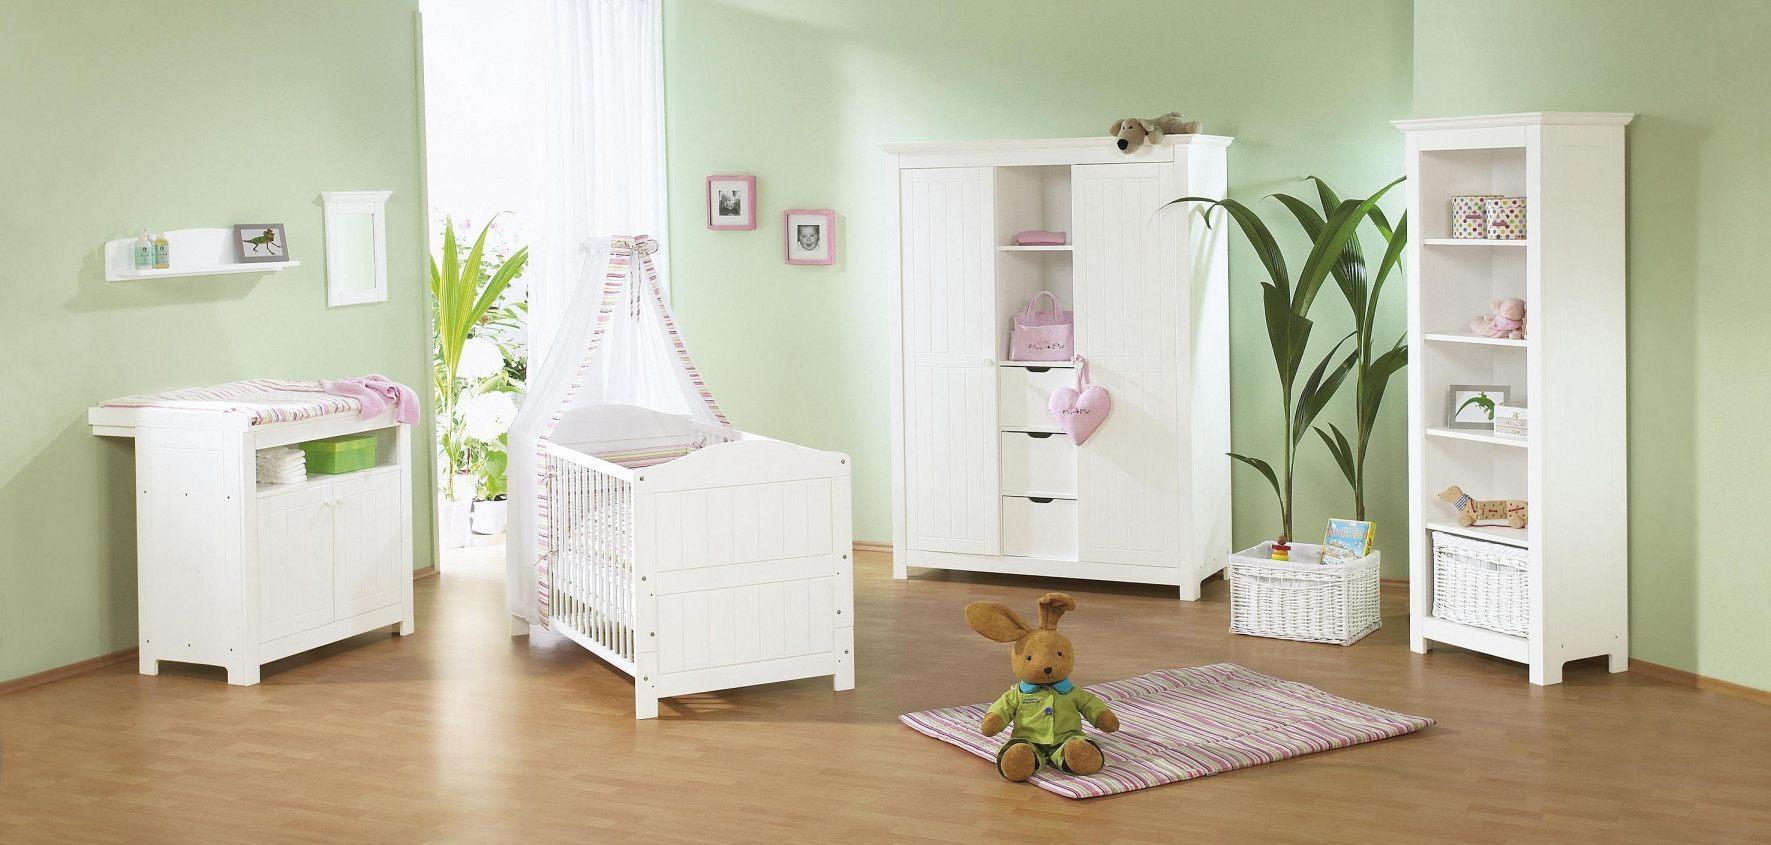 Lit Superposé En Fer Charmant Chaise Table Bébé Cuisine Pour Bebe Lovely Lit Ikea Bebe 12 Superpos